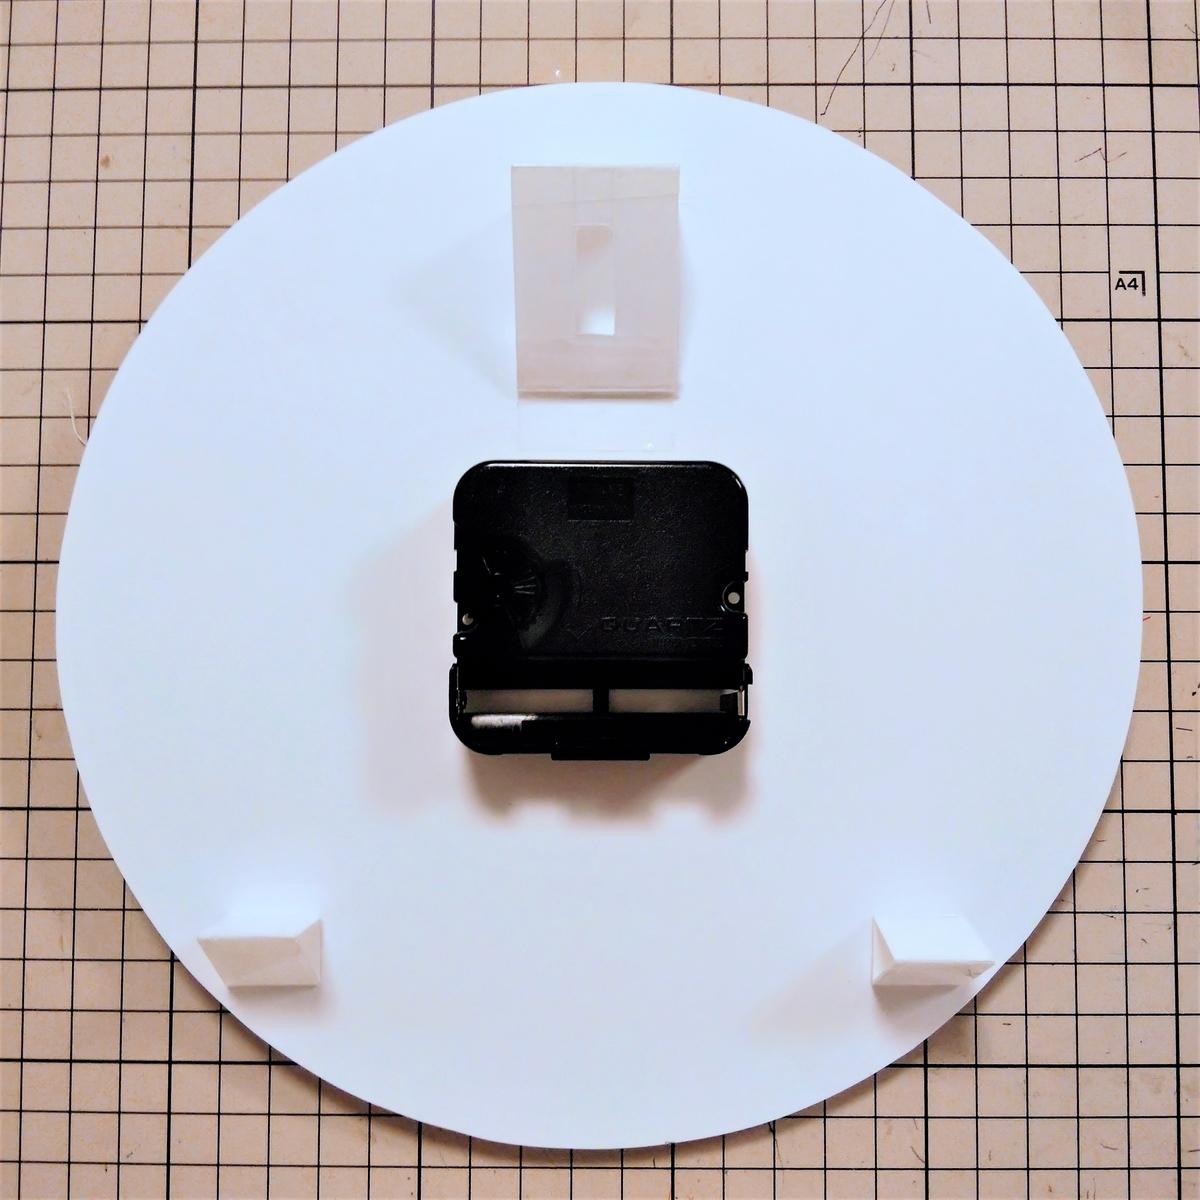 プラバン時計⑥ フックかけを裏に貼り付ける